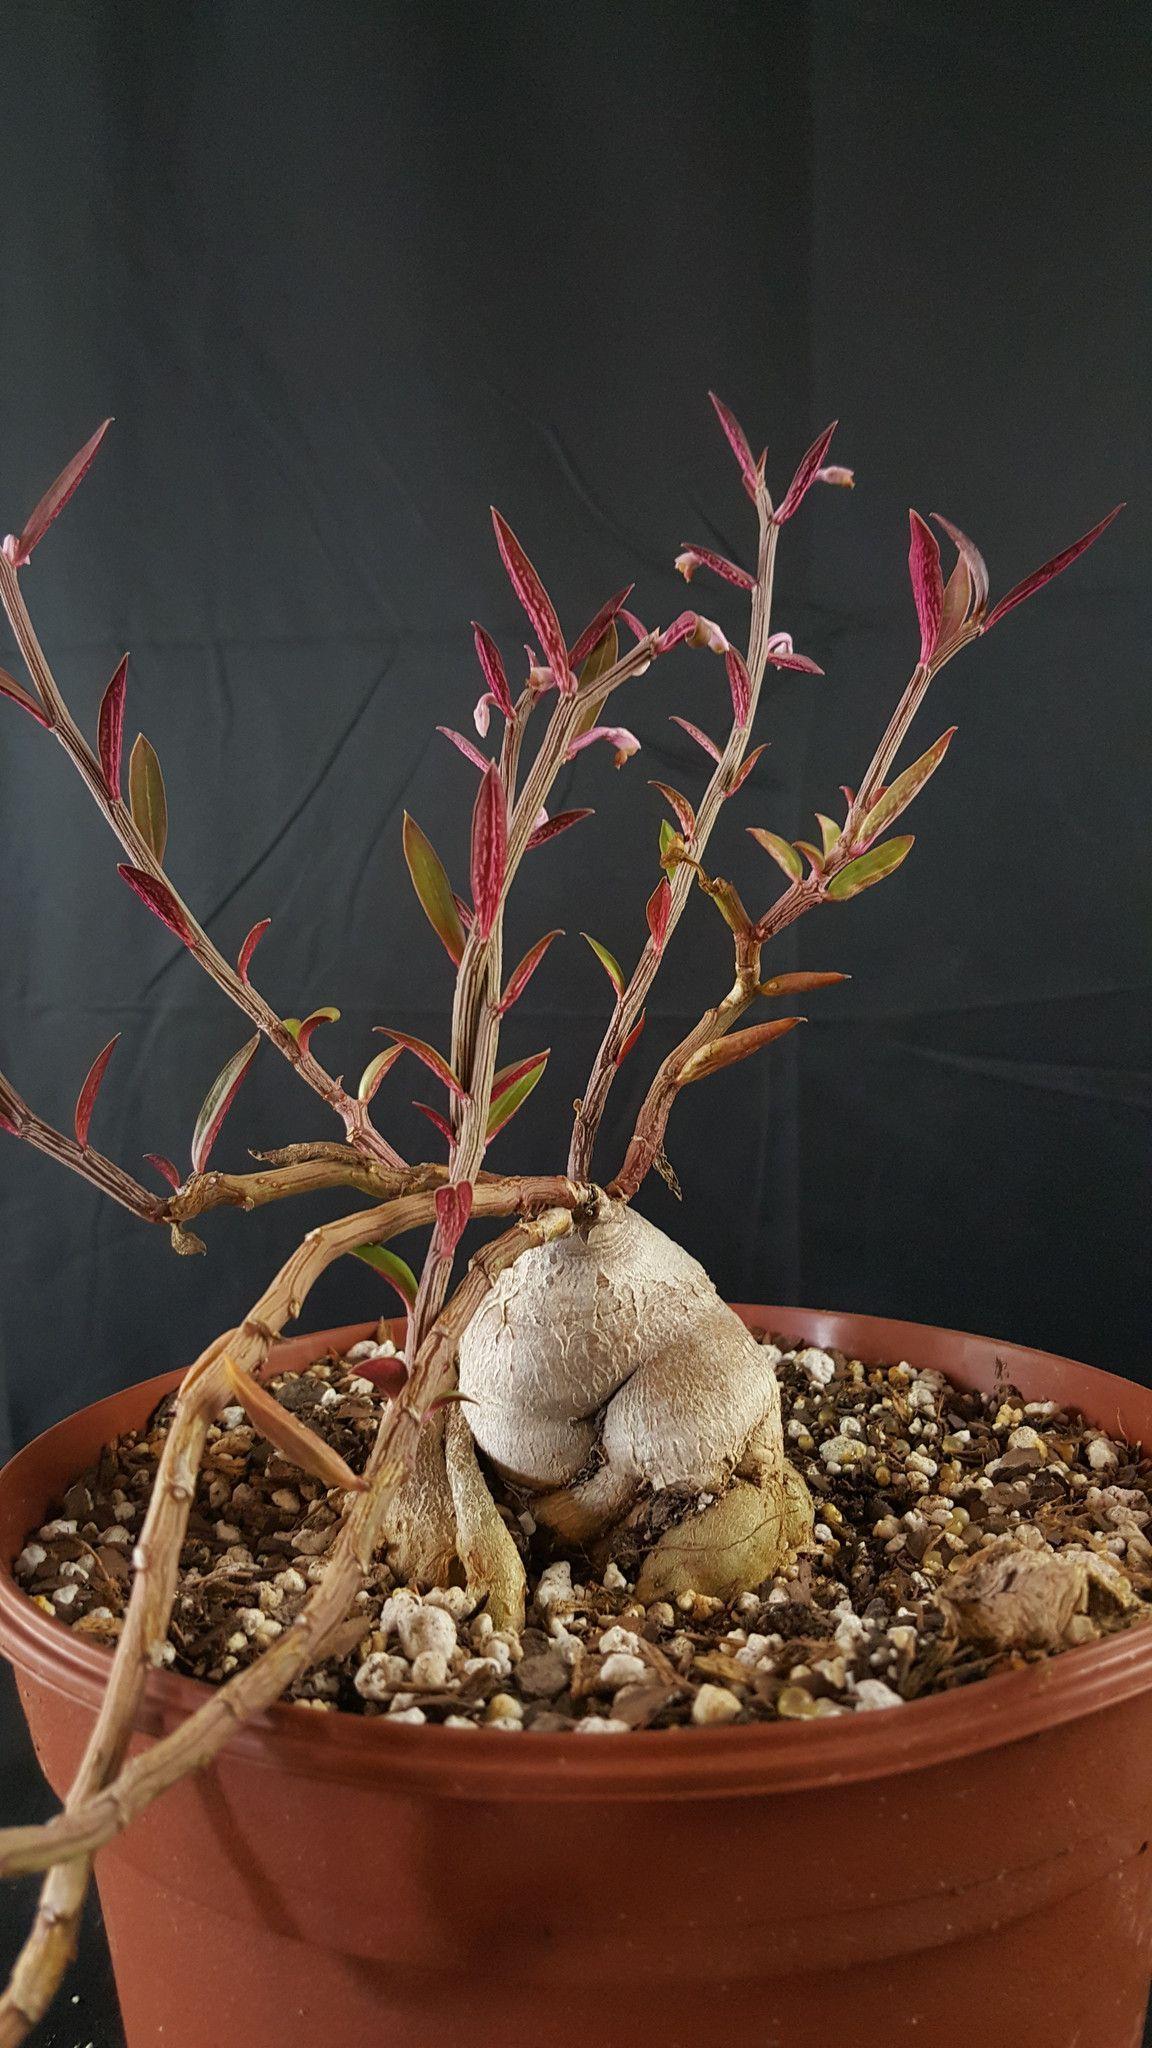 Monadenium rubellum